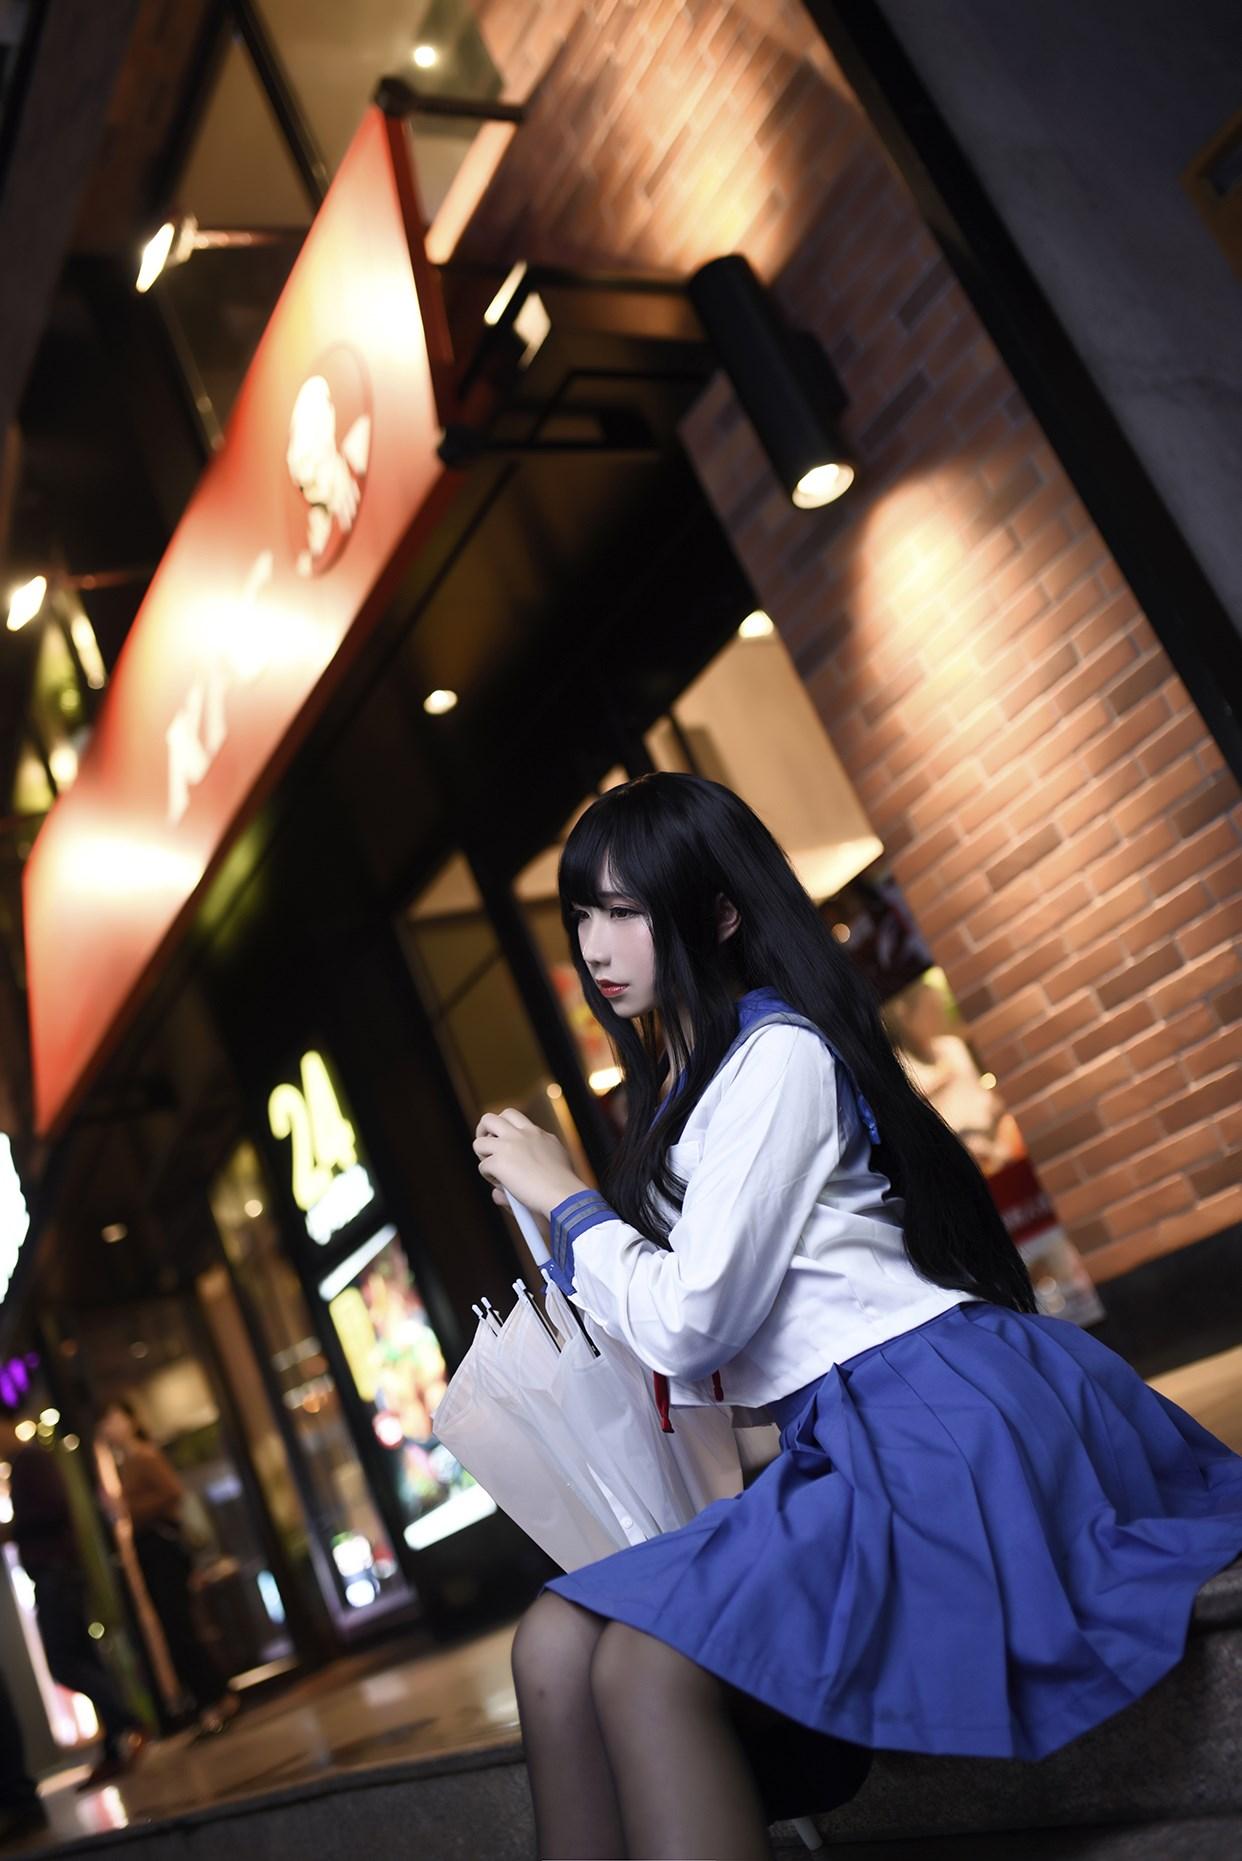 【兔玩映画】伞中少女 兔玩映画 第11张